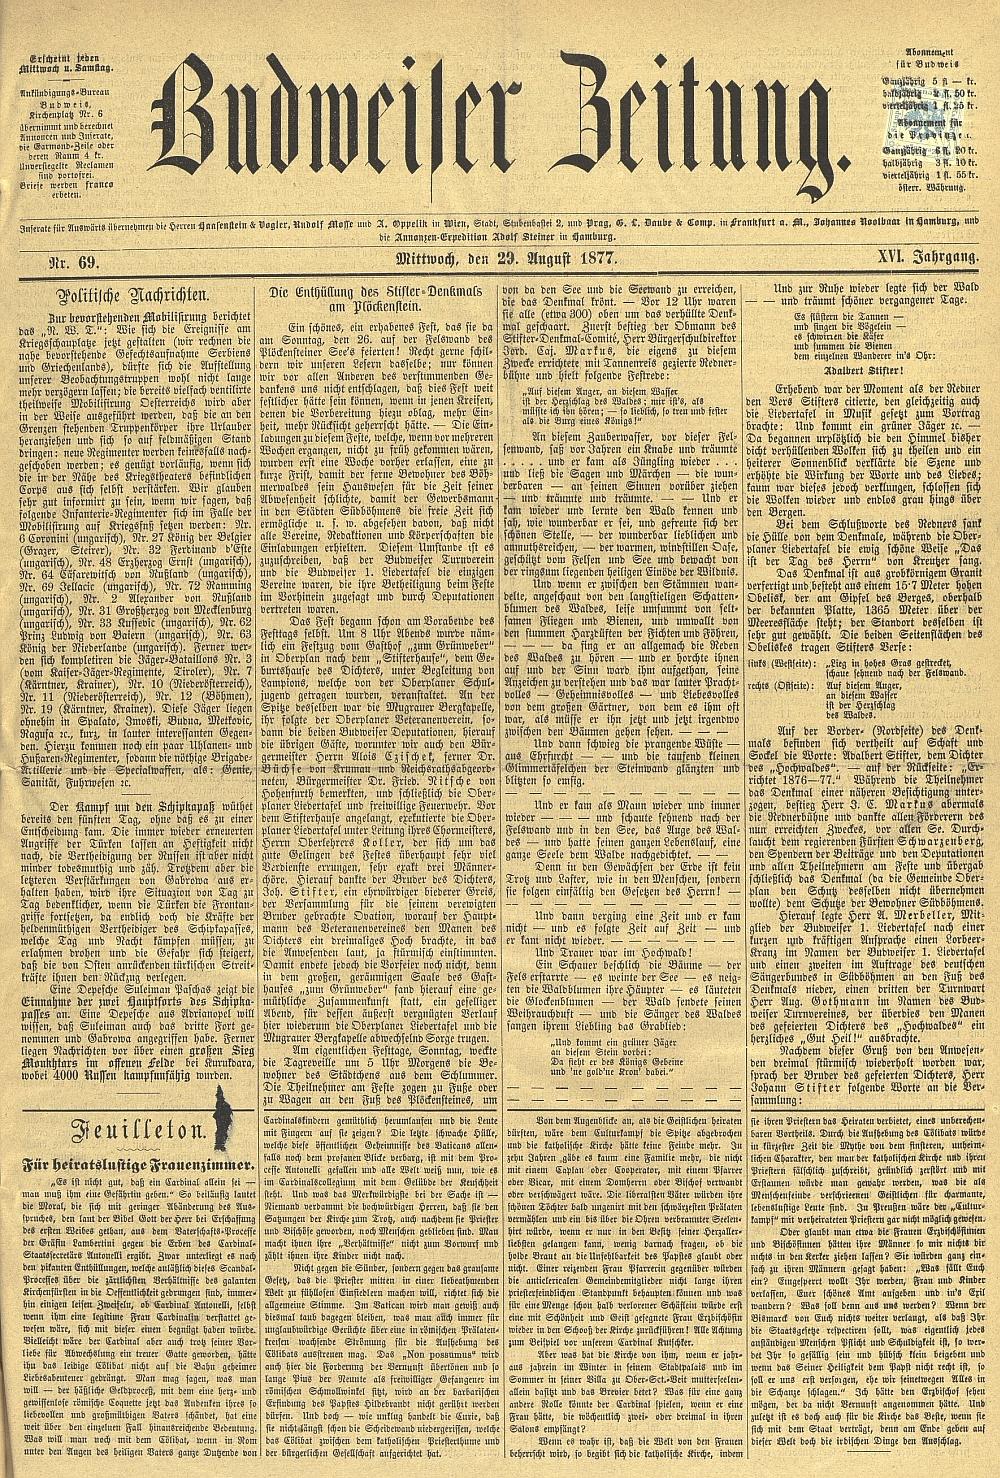 Titulní strana listu Budweiser Zeitung k odhalení památníku se záznamem Markusovy řeči